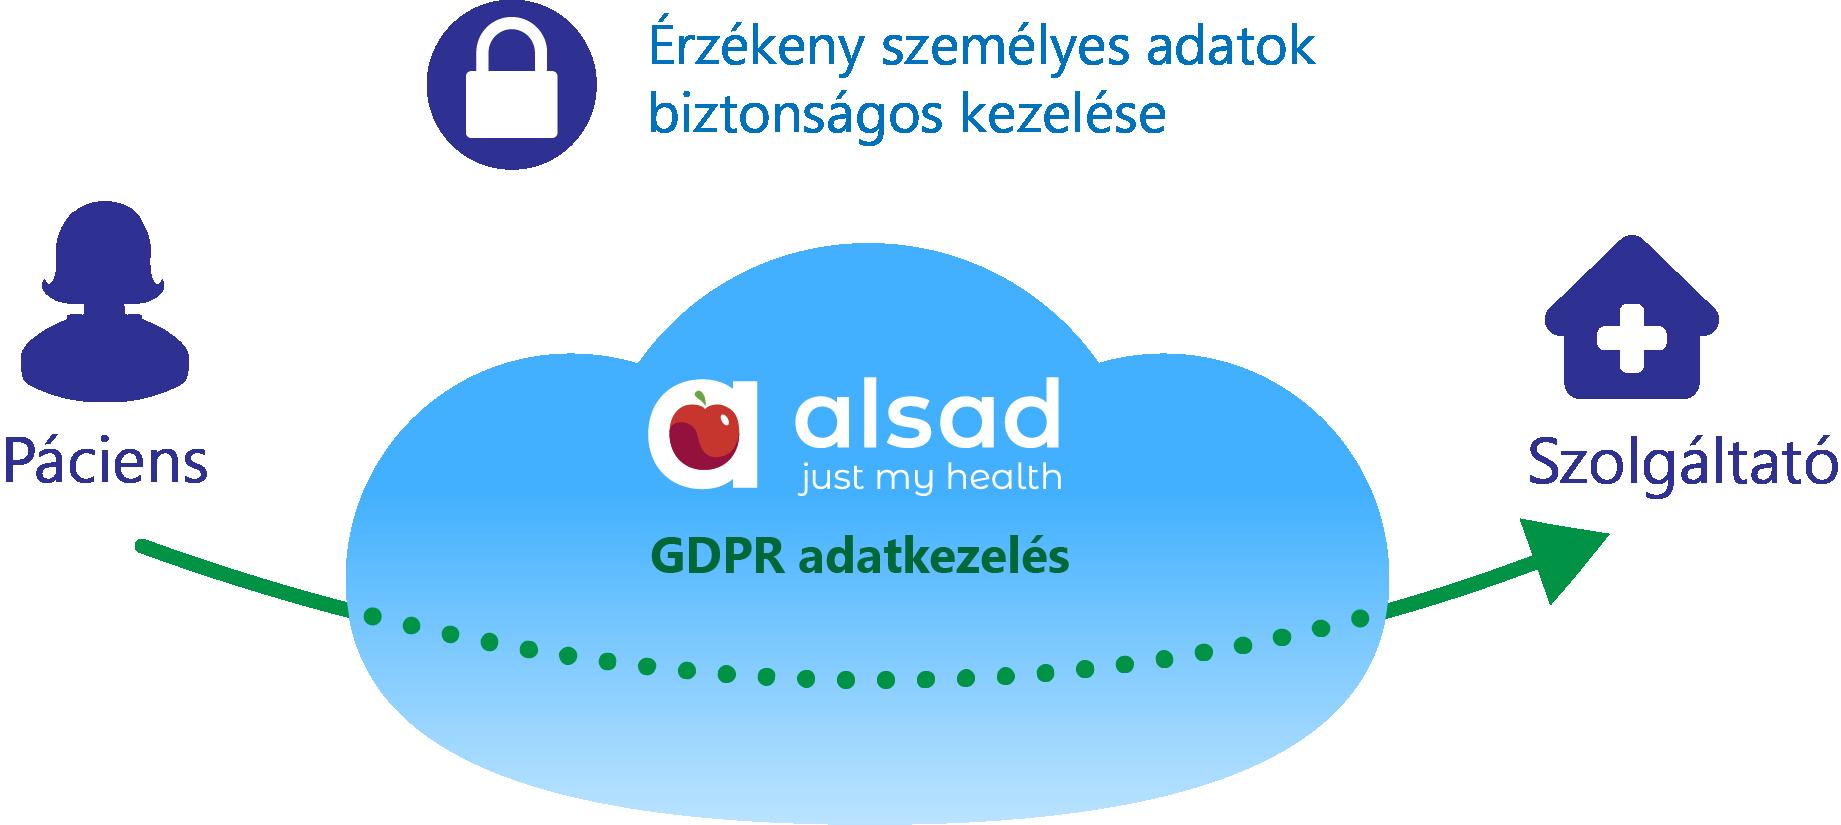 GDPR adatkezelés